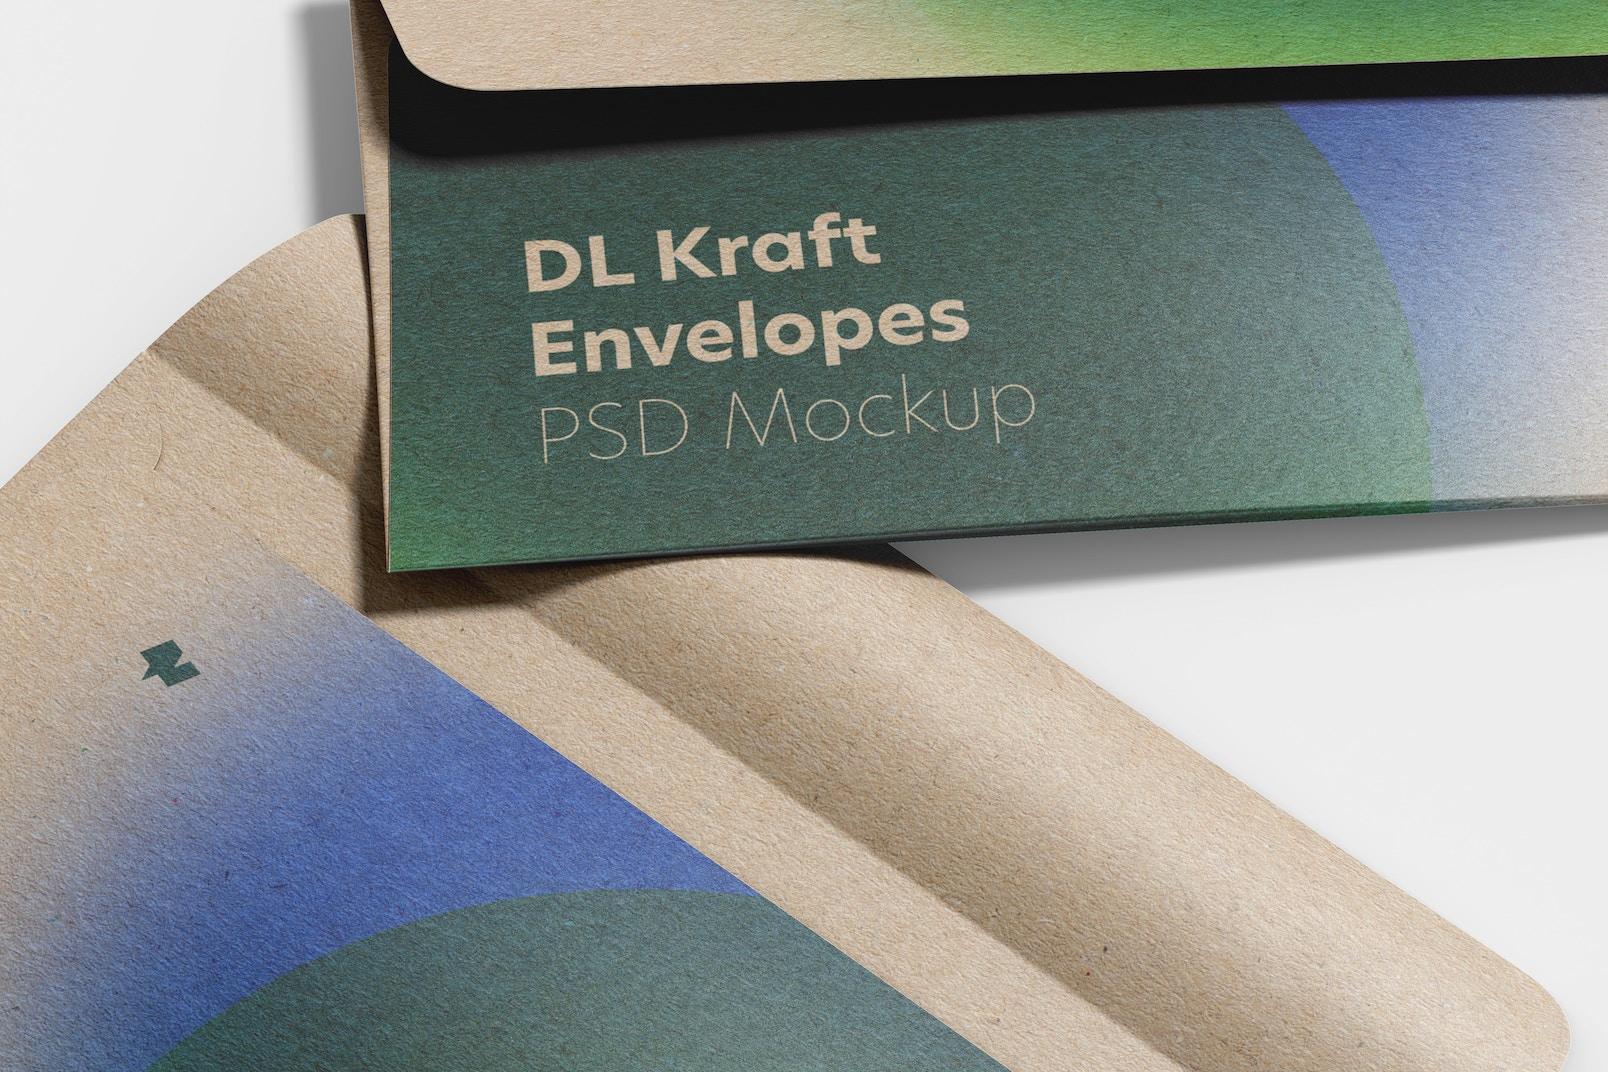 DL Kraft Envelopes Mockup, Close-Up